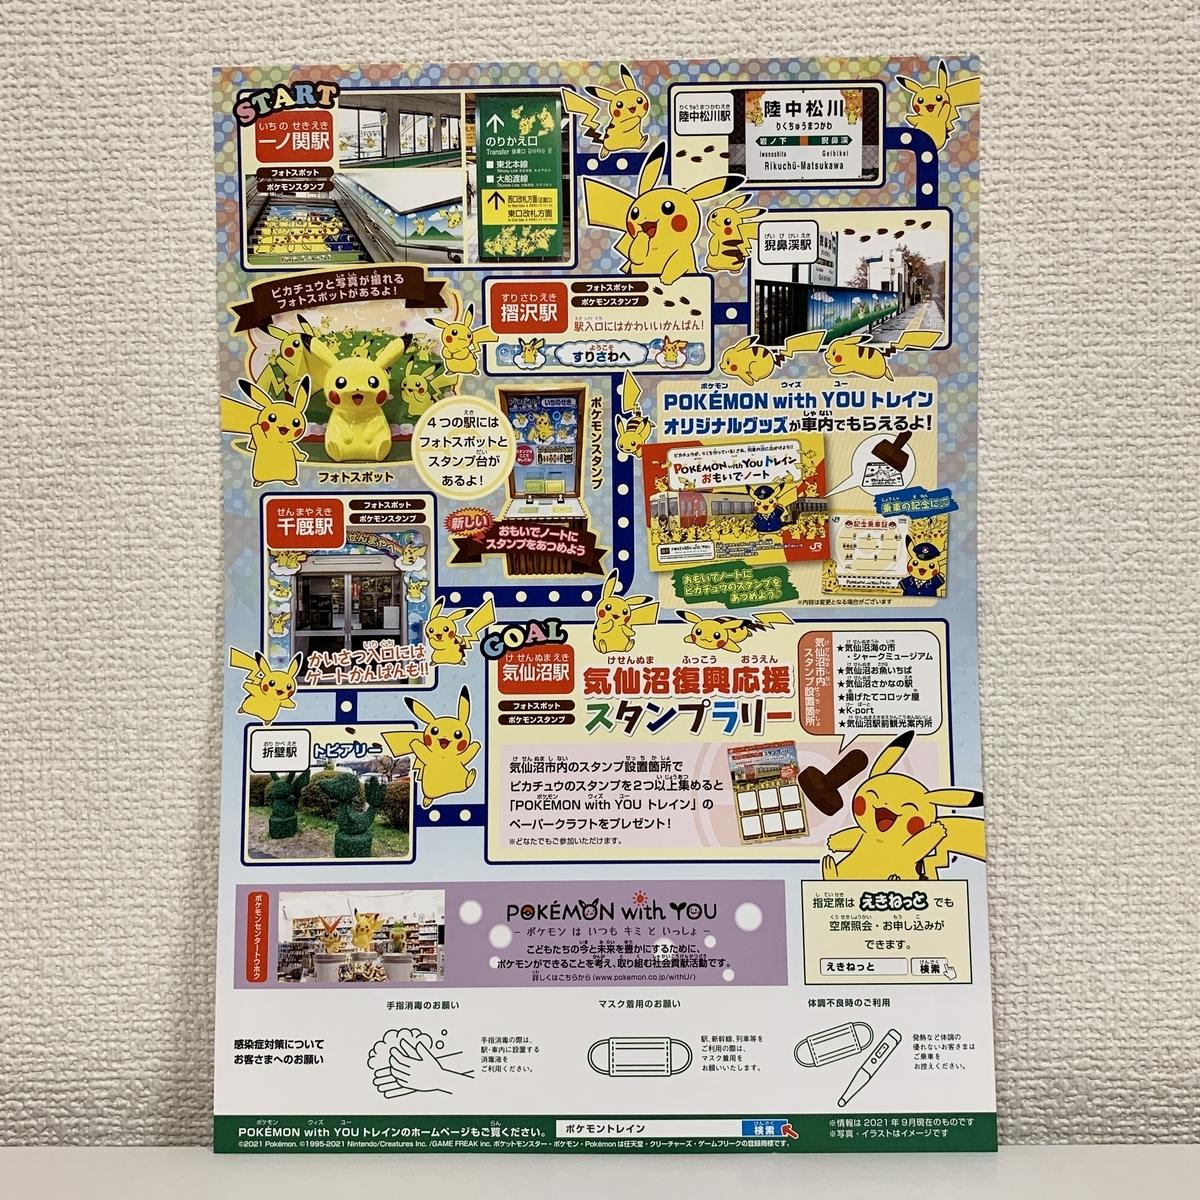 f:id:pikachu_pcn:20211013182239j:plain